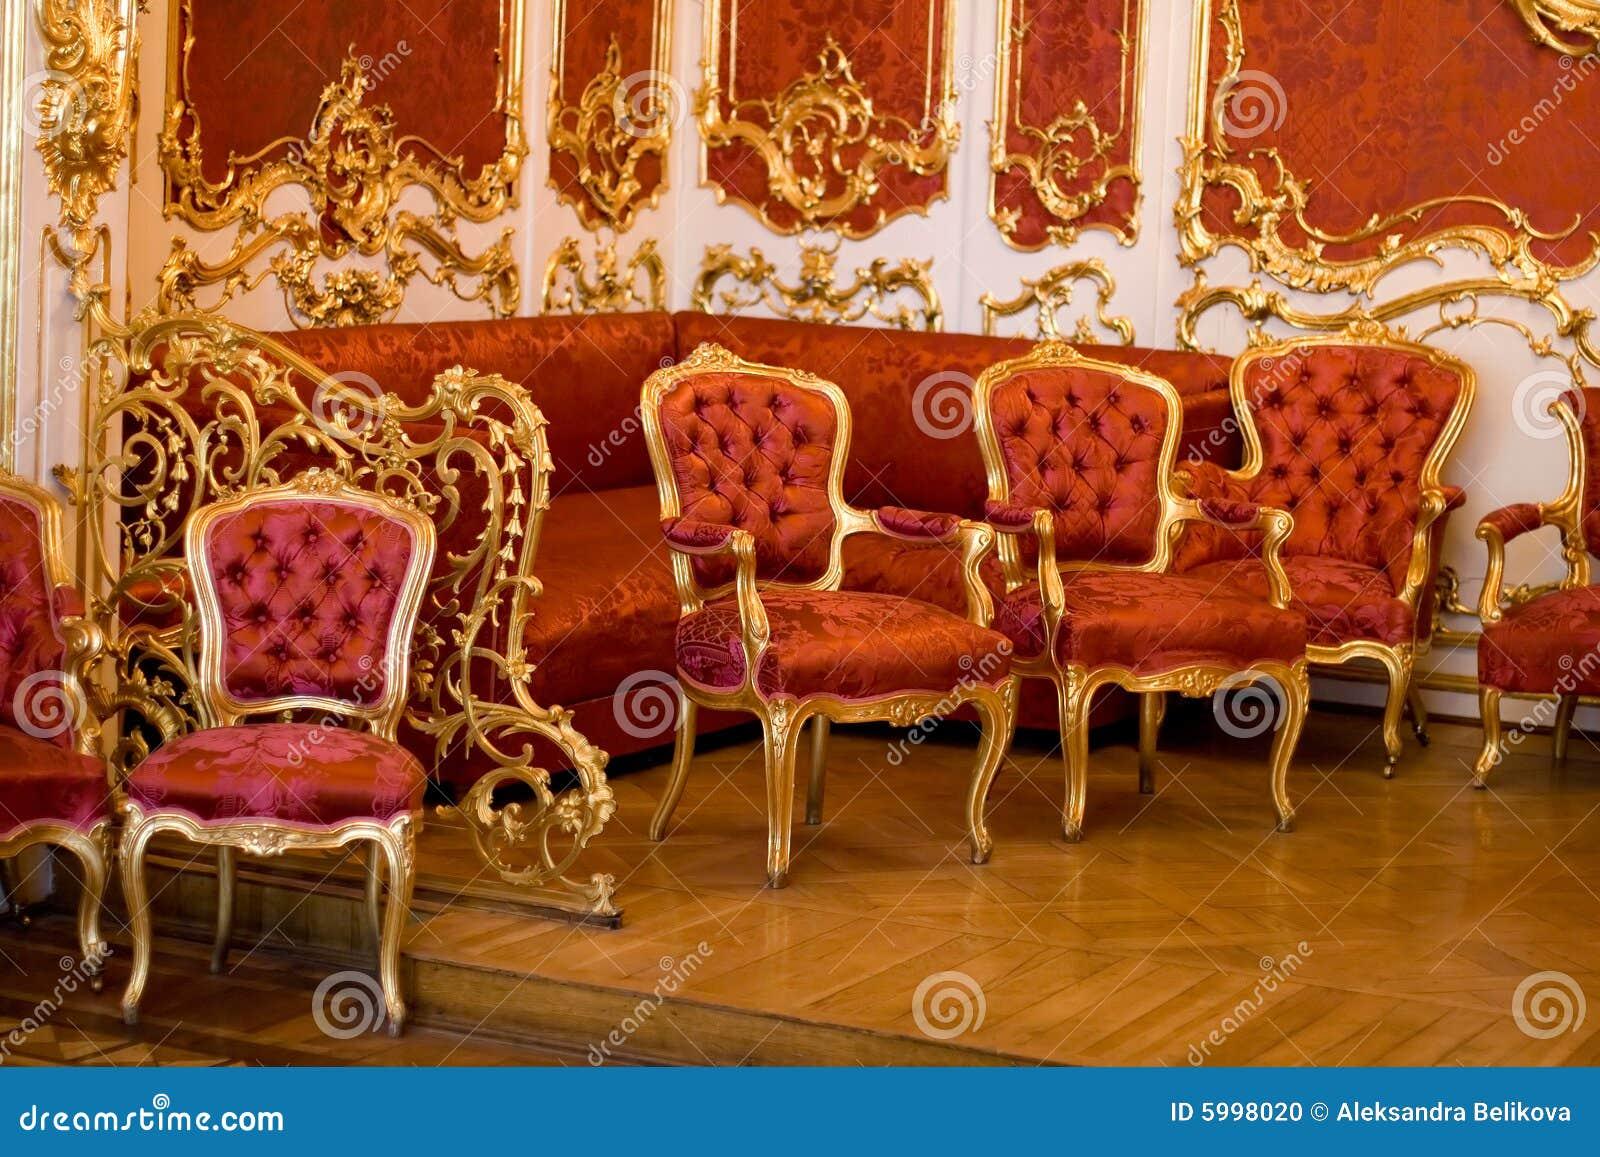 Muebles Rojos Viejos Foto De Archivo Imagen De Marr N 5998020 # Muebles Viejos Gratis